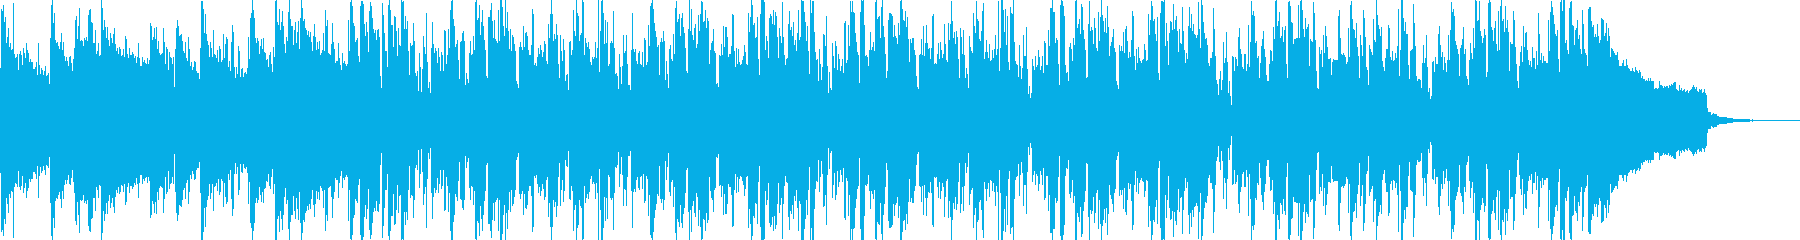 ピアノジャズ風バラードの再生済みの波形